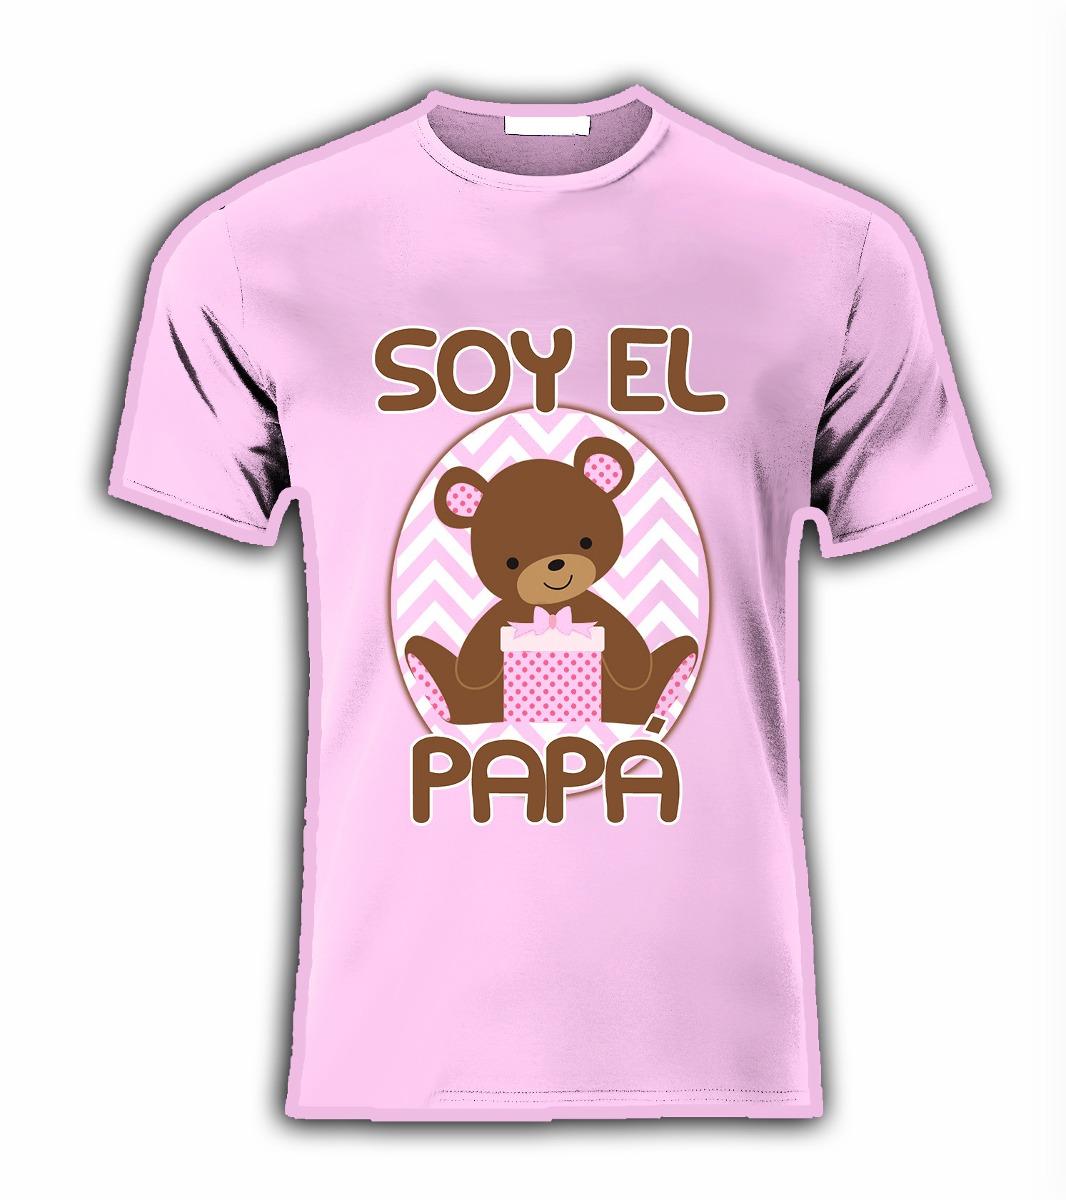 Playera Para Baby Shower Con Nombre Y Tio Tia 391c450082b80